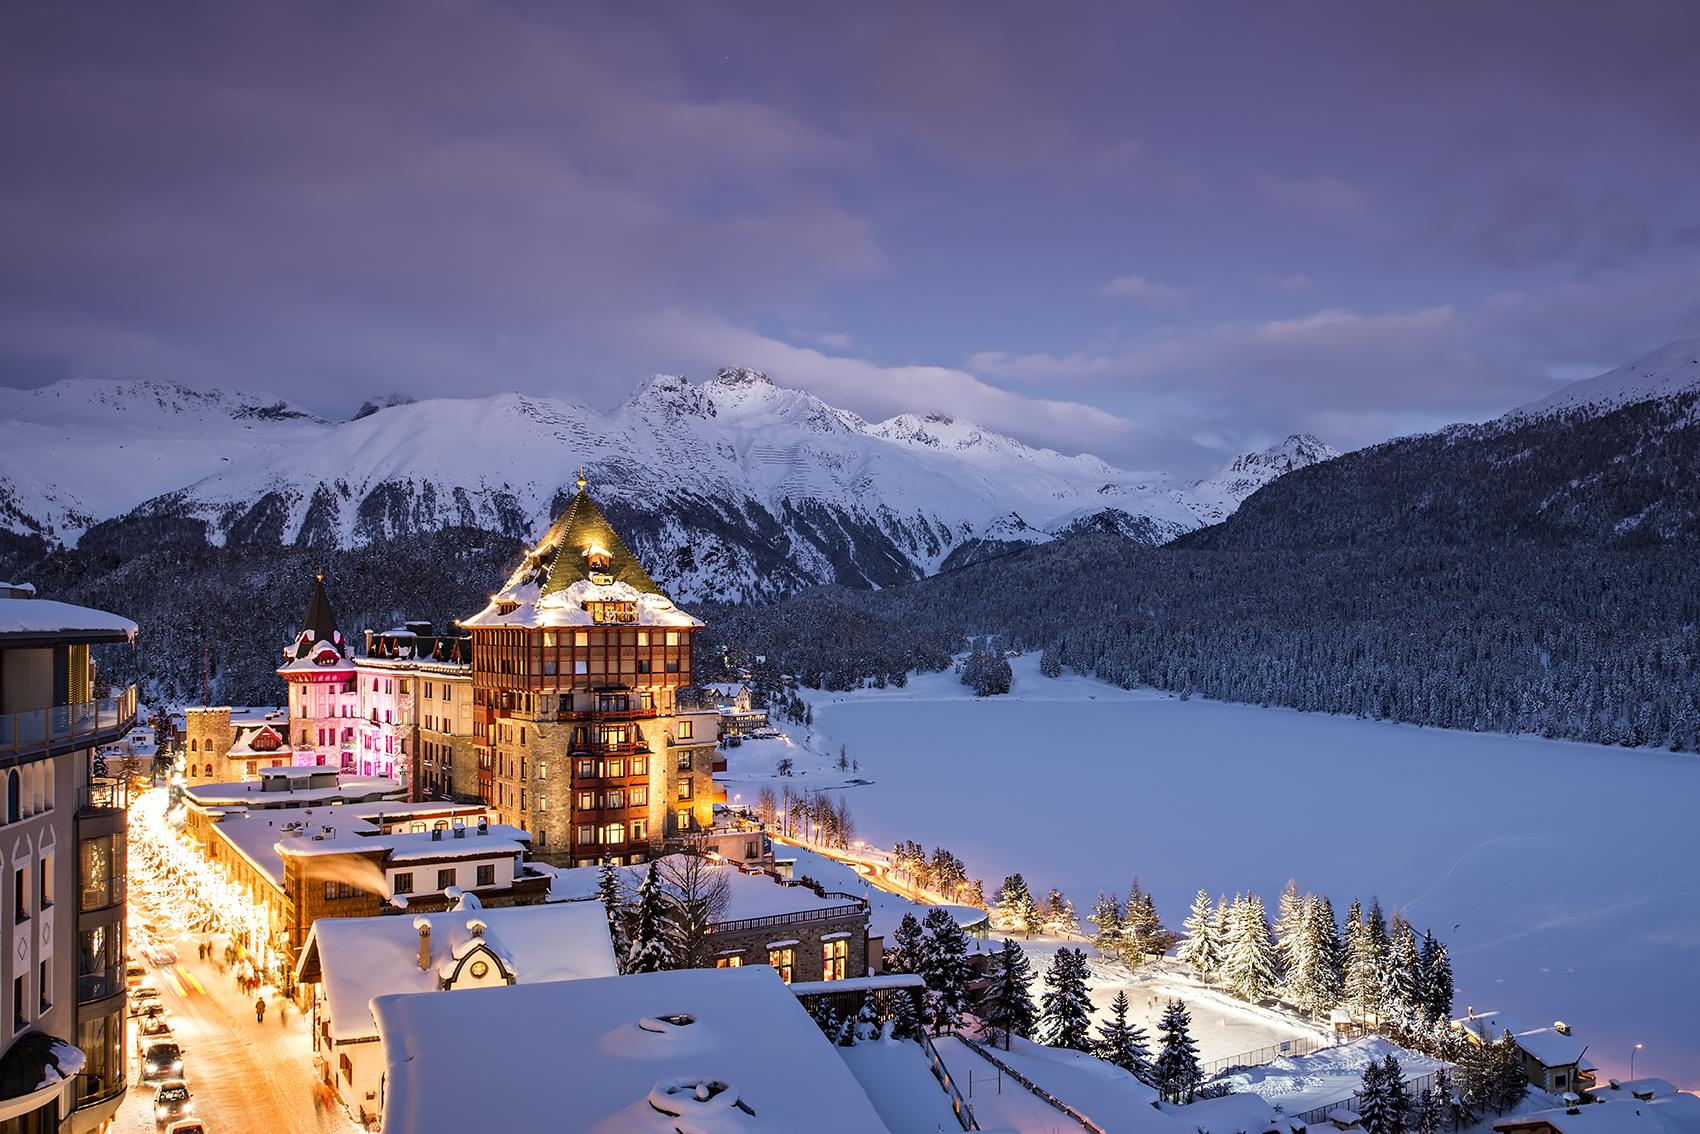 Badrutt's Palace Hotel - Wikipedia